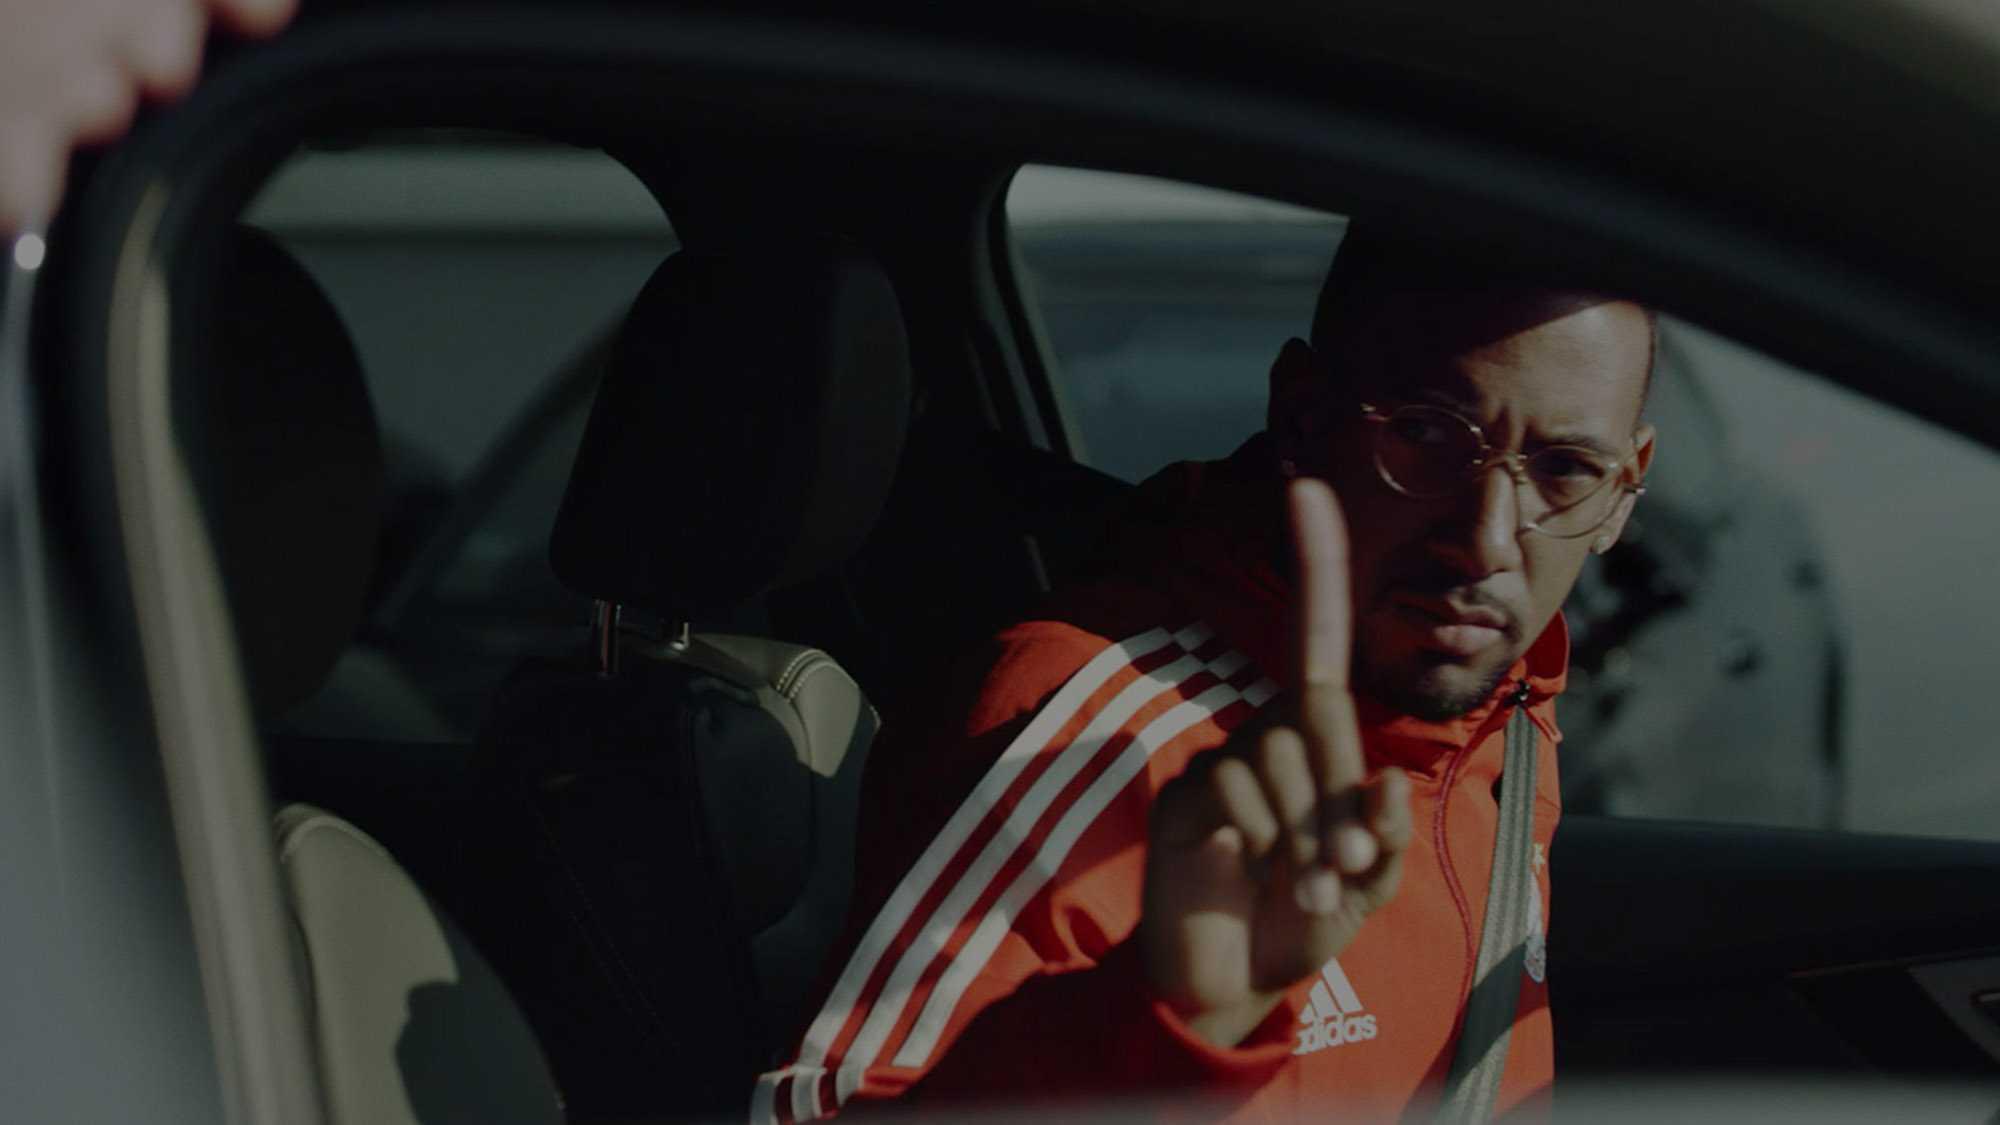 Das Bild zeigt Jérôme Boateng der sich in einem Auto befindet. Er hebt seinen Zeigefinger in die Höhe. Das Bild dient als verdunkeltes Titelbild für den Portfolioeintrag Audi / FC Bayern – Glückliche Nachbesitzer von Panda Pictures.